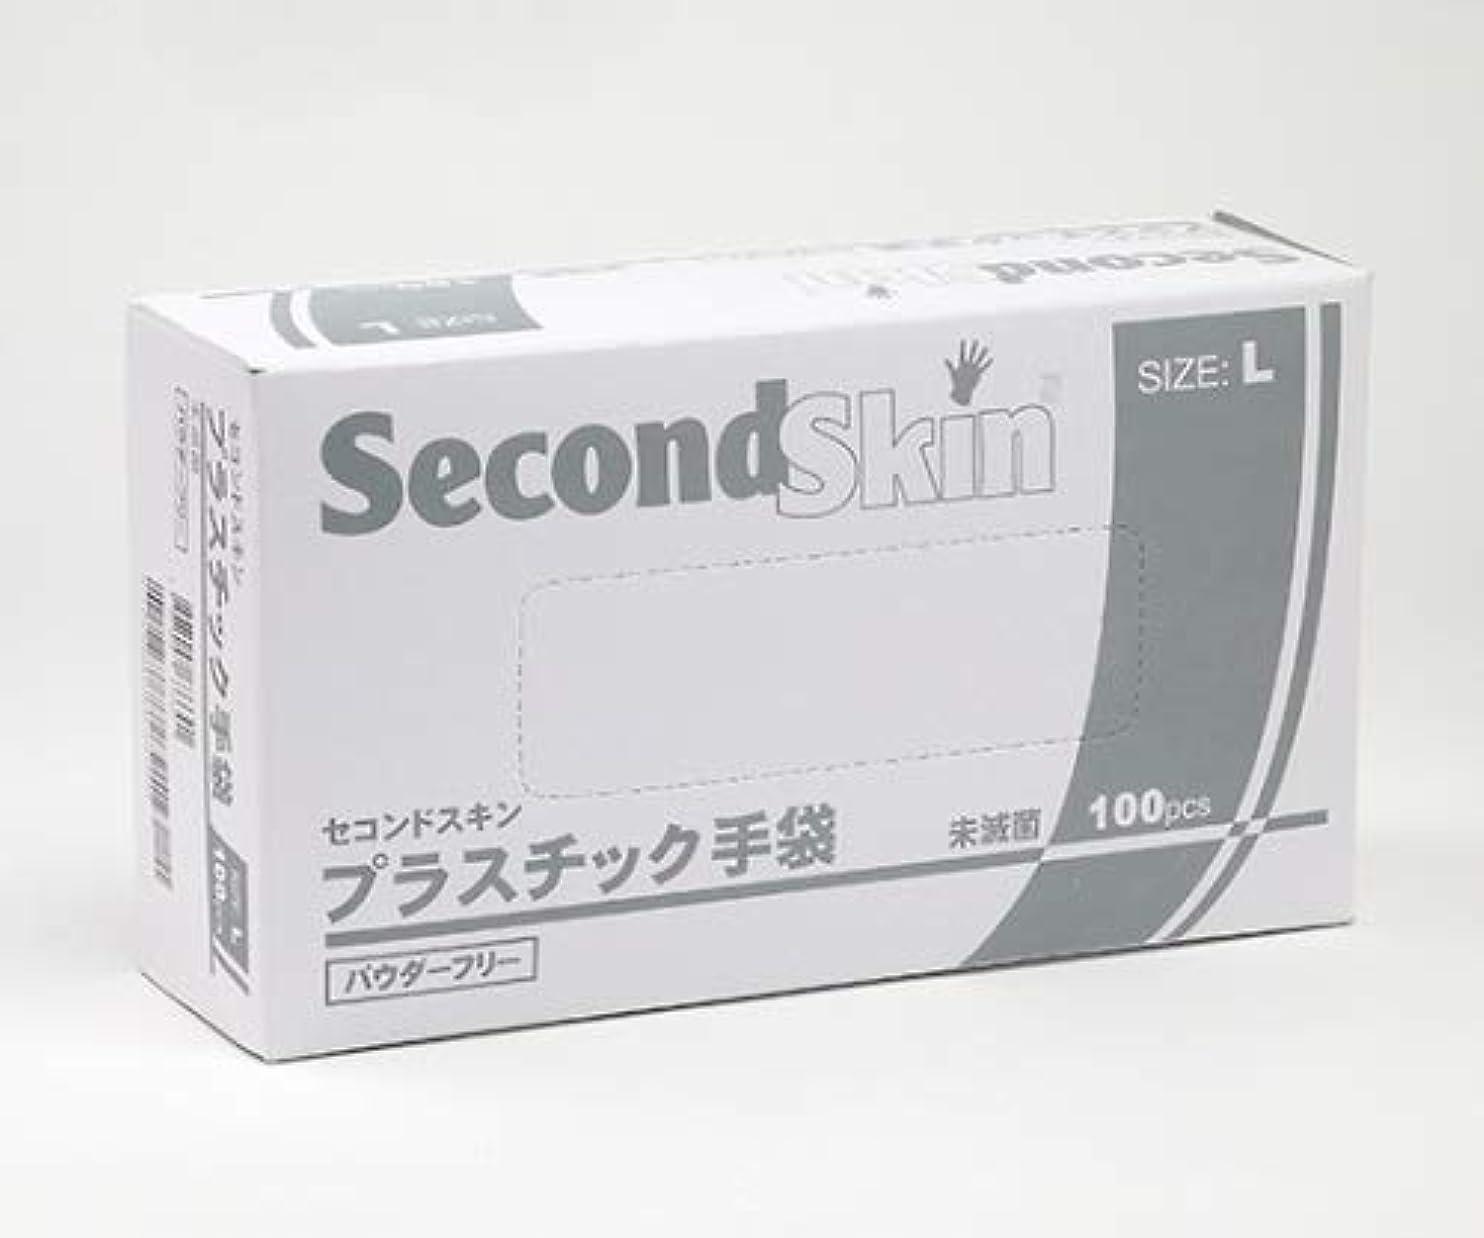 神反乱ショット1209D セコンドスキン プラスチック手袋 パウダーフリー 100枚入 Lサイズ